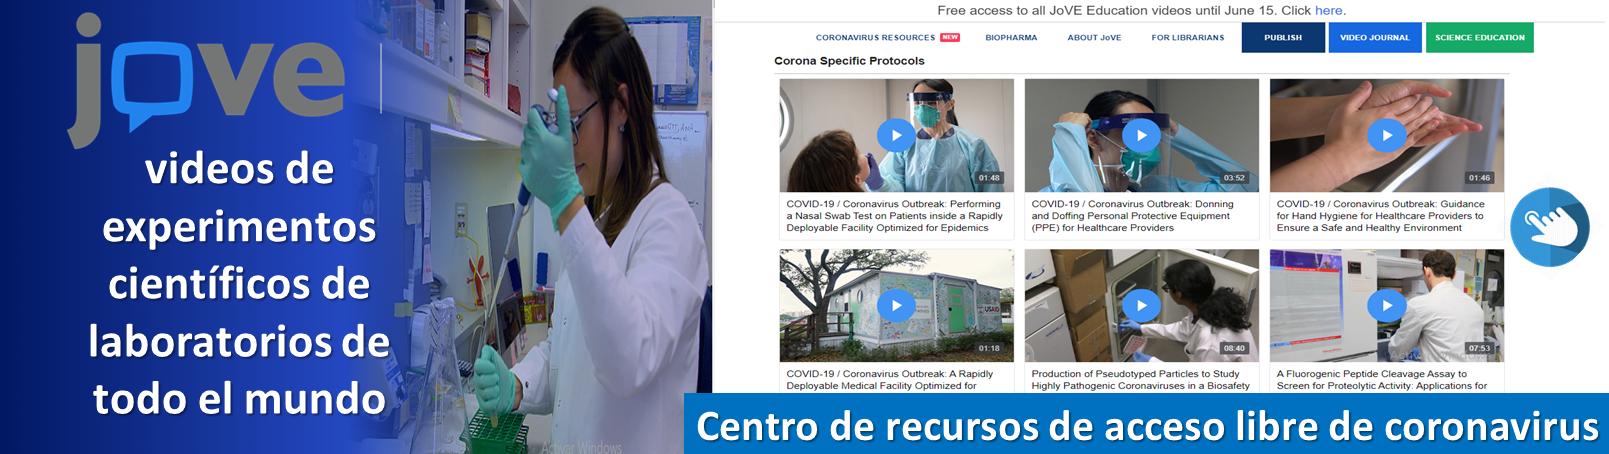 Centro de recursos de acceso libre de coronavirus. @JoVEJournal